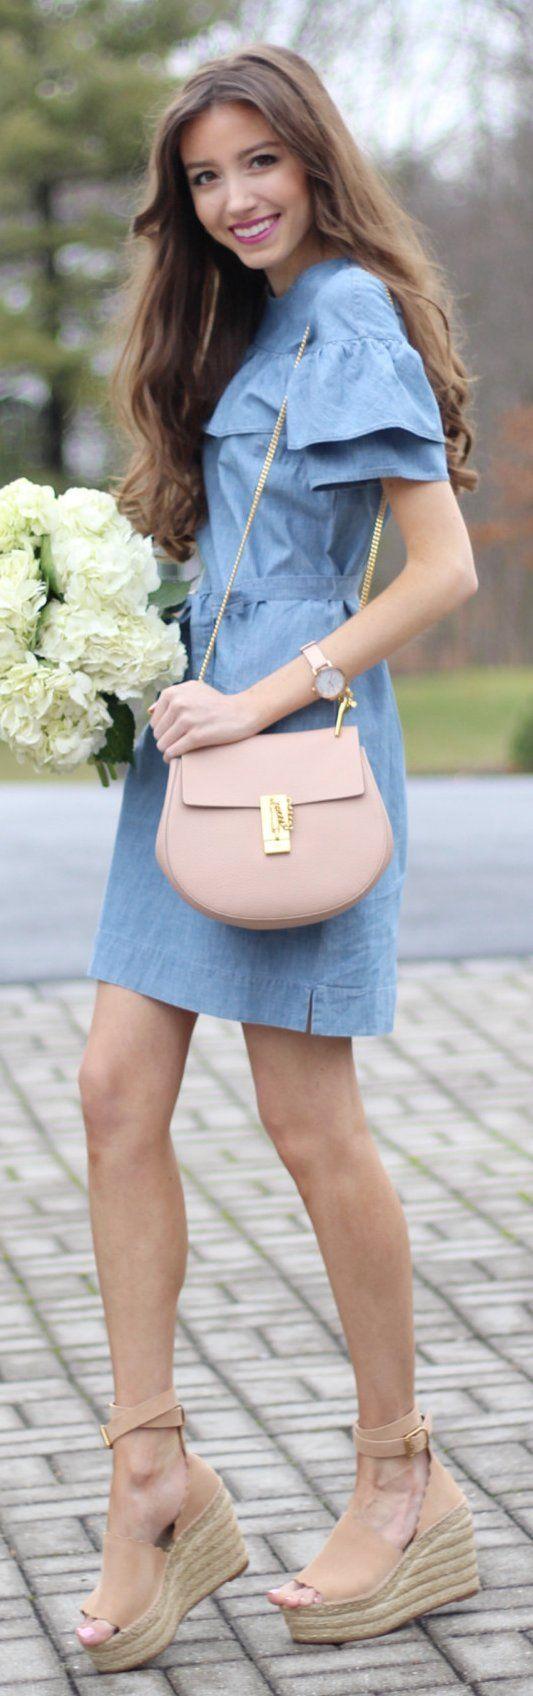 Blue Dress / Pink Leather Shoulder Bag / Beige Suede Platform